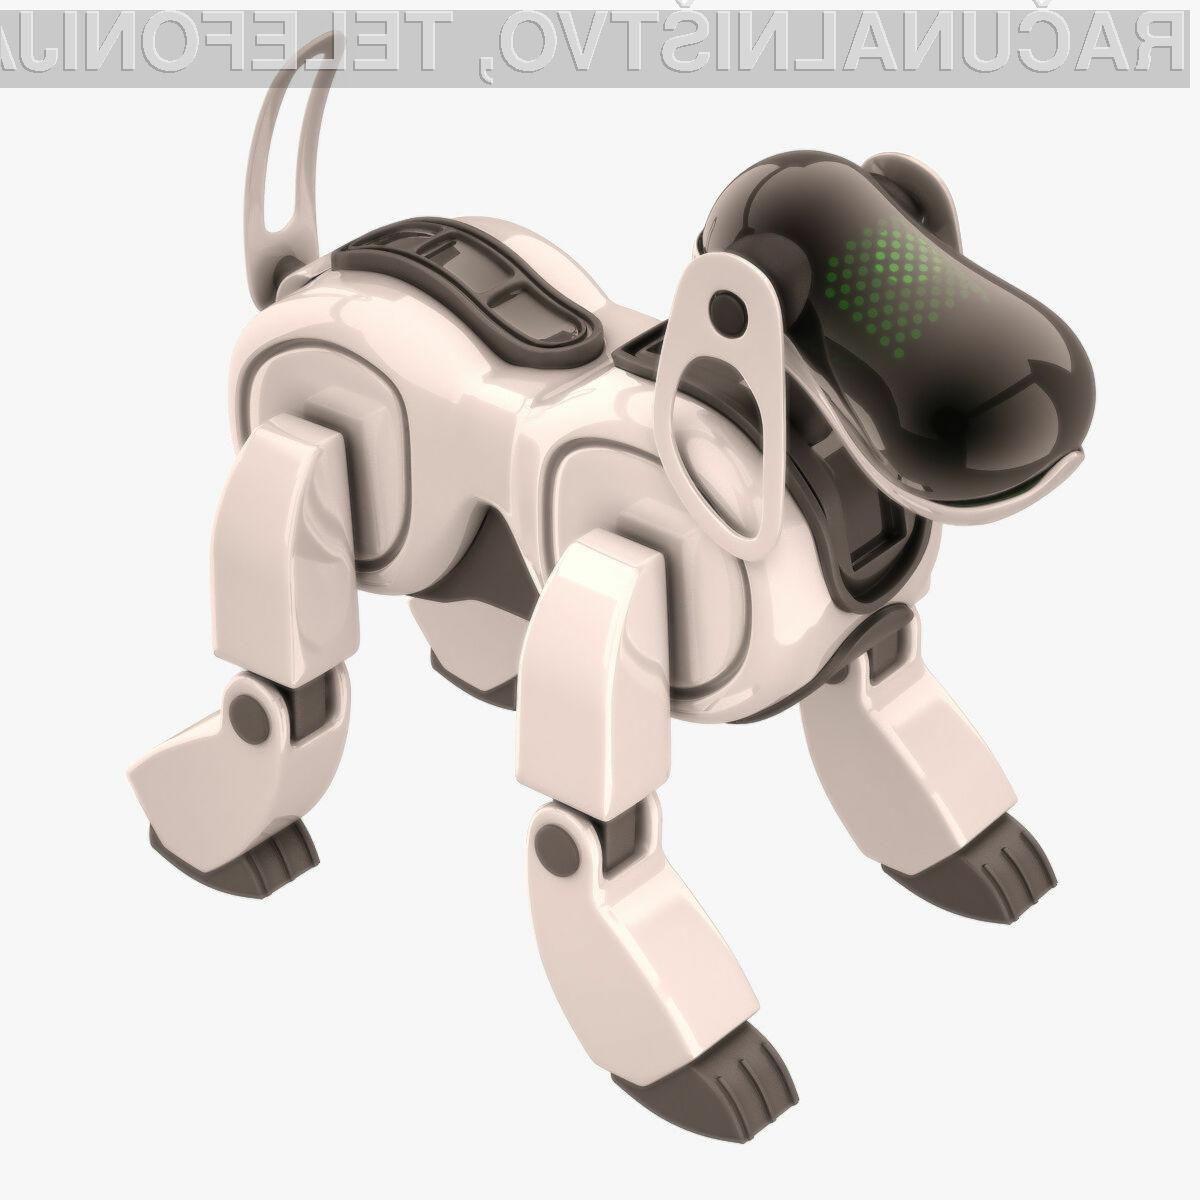 Novi robot podjetja Sony bo slonel na tehnologiji umetne inteligence.